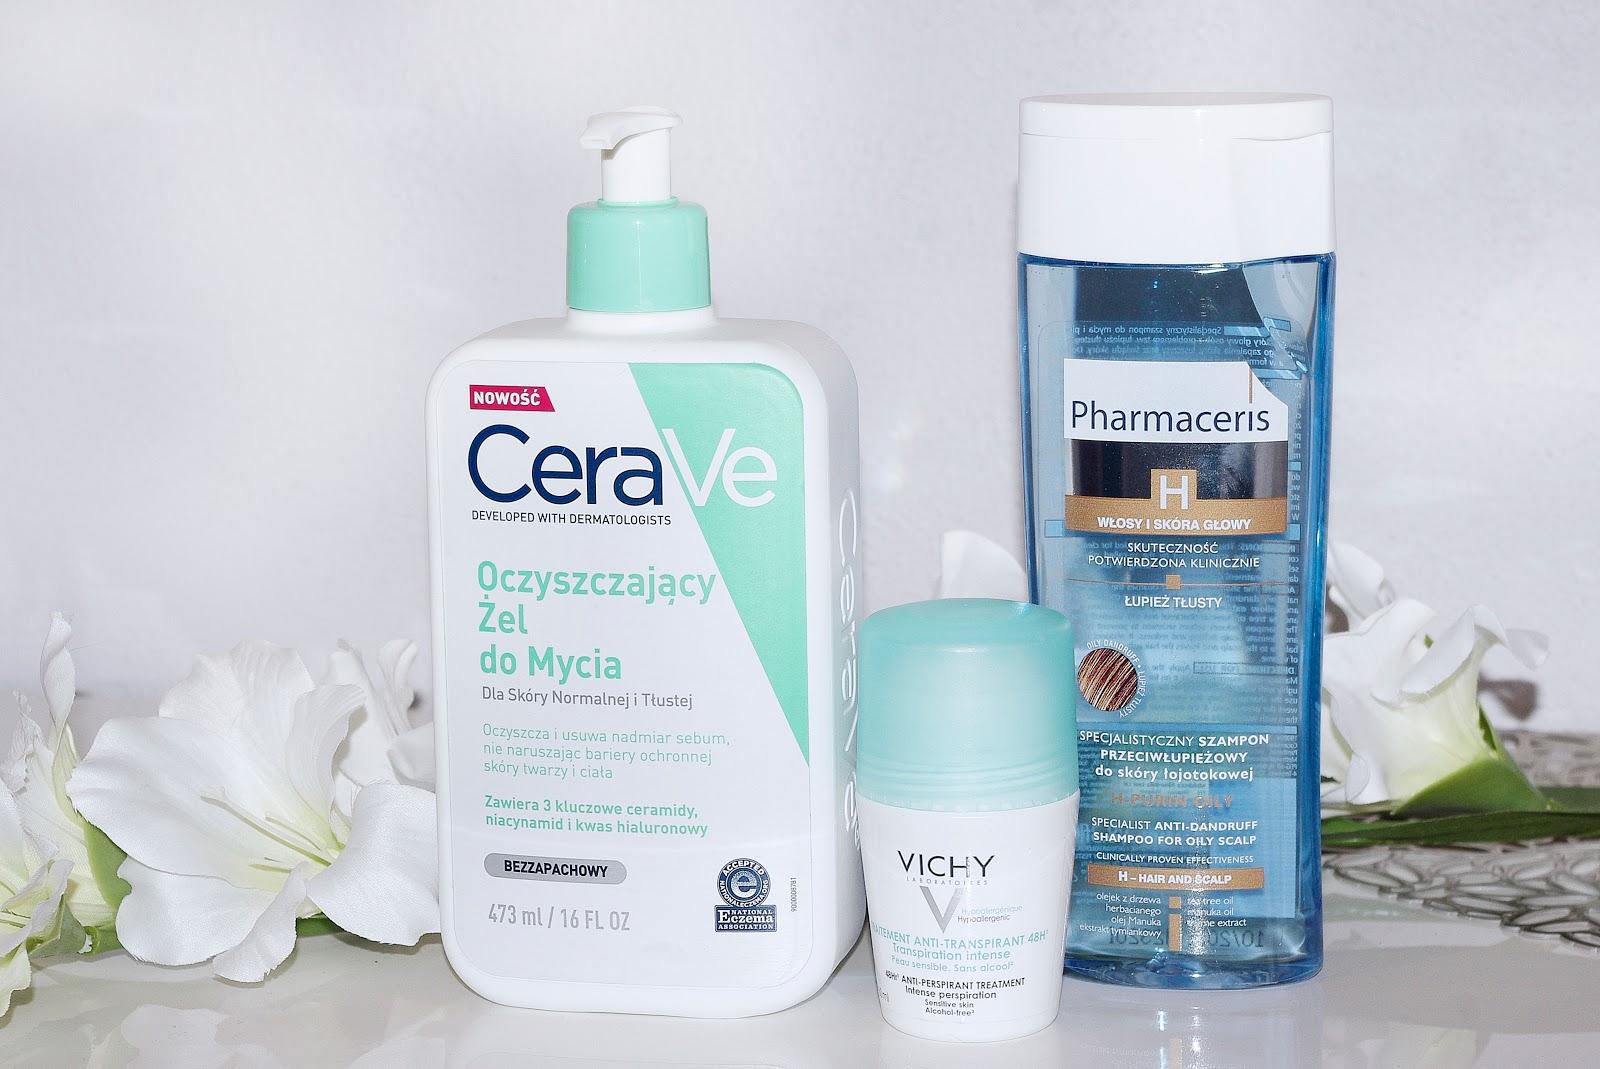 cerave żel do mycia pharmaceris szampon łupież tłusty vichy antyperspirant